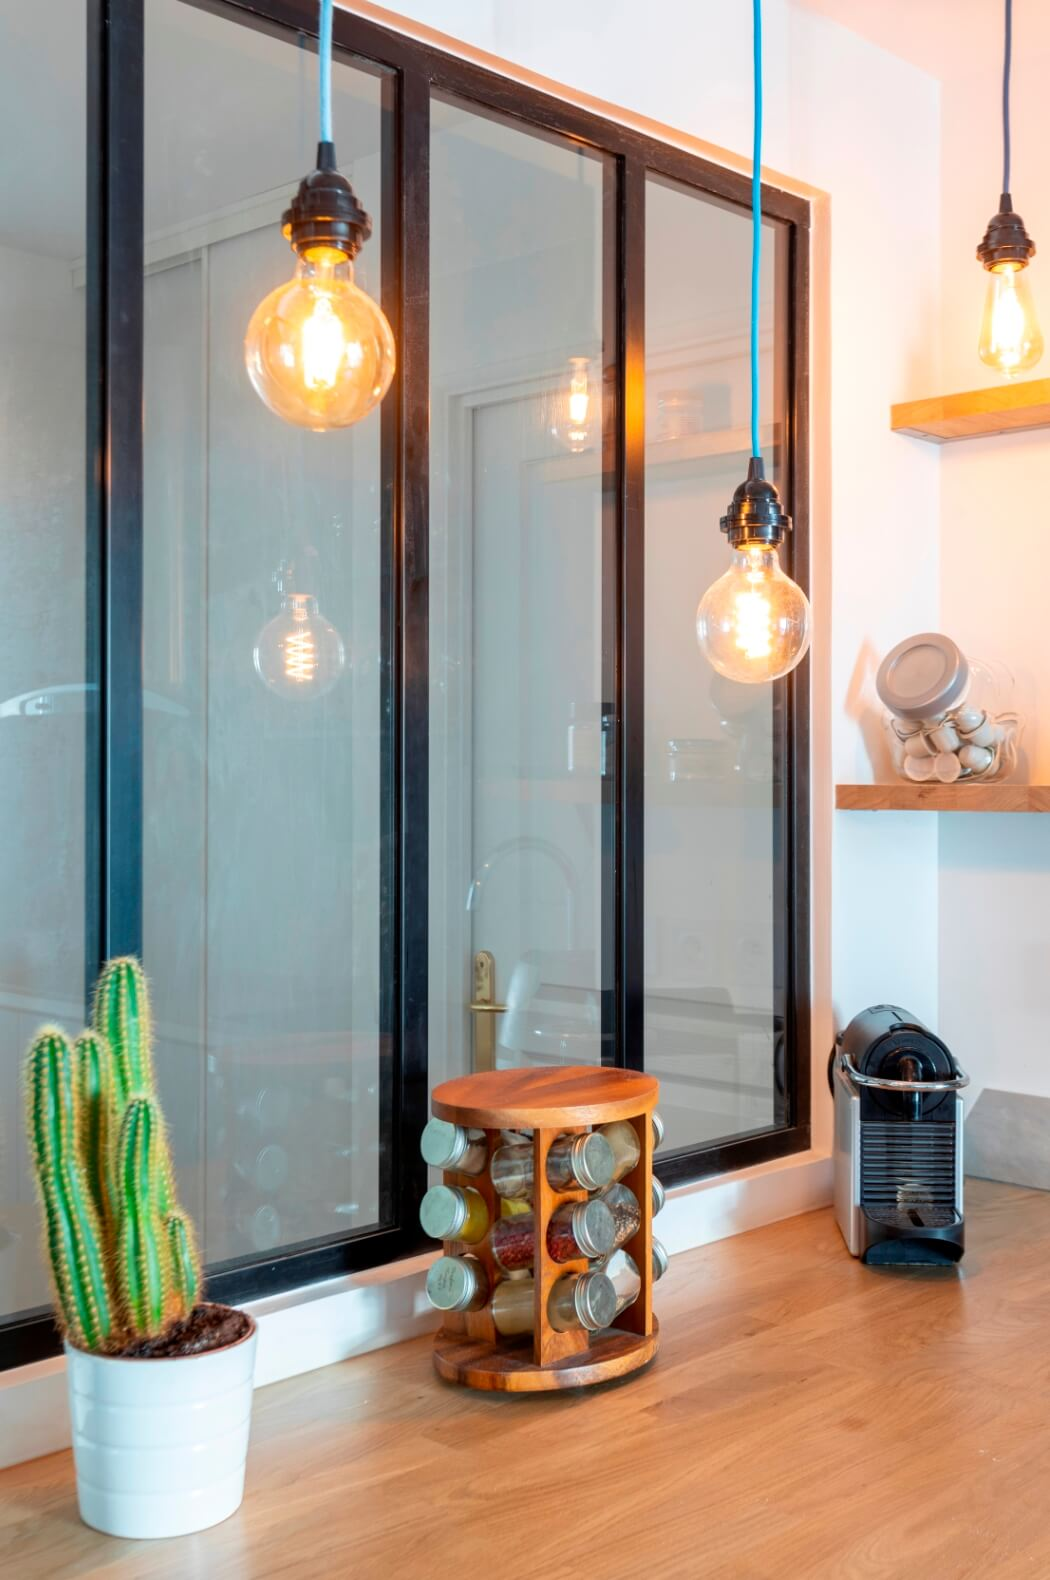 Rénovation d'une cuisine avec verrière d'atelier et ampoules déco vintage